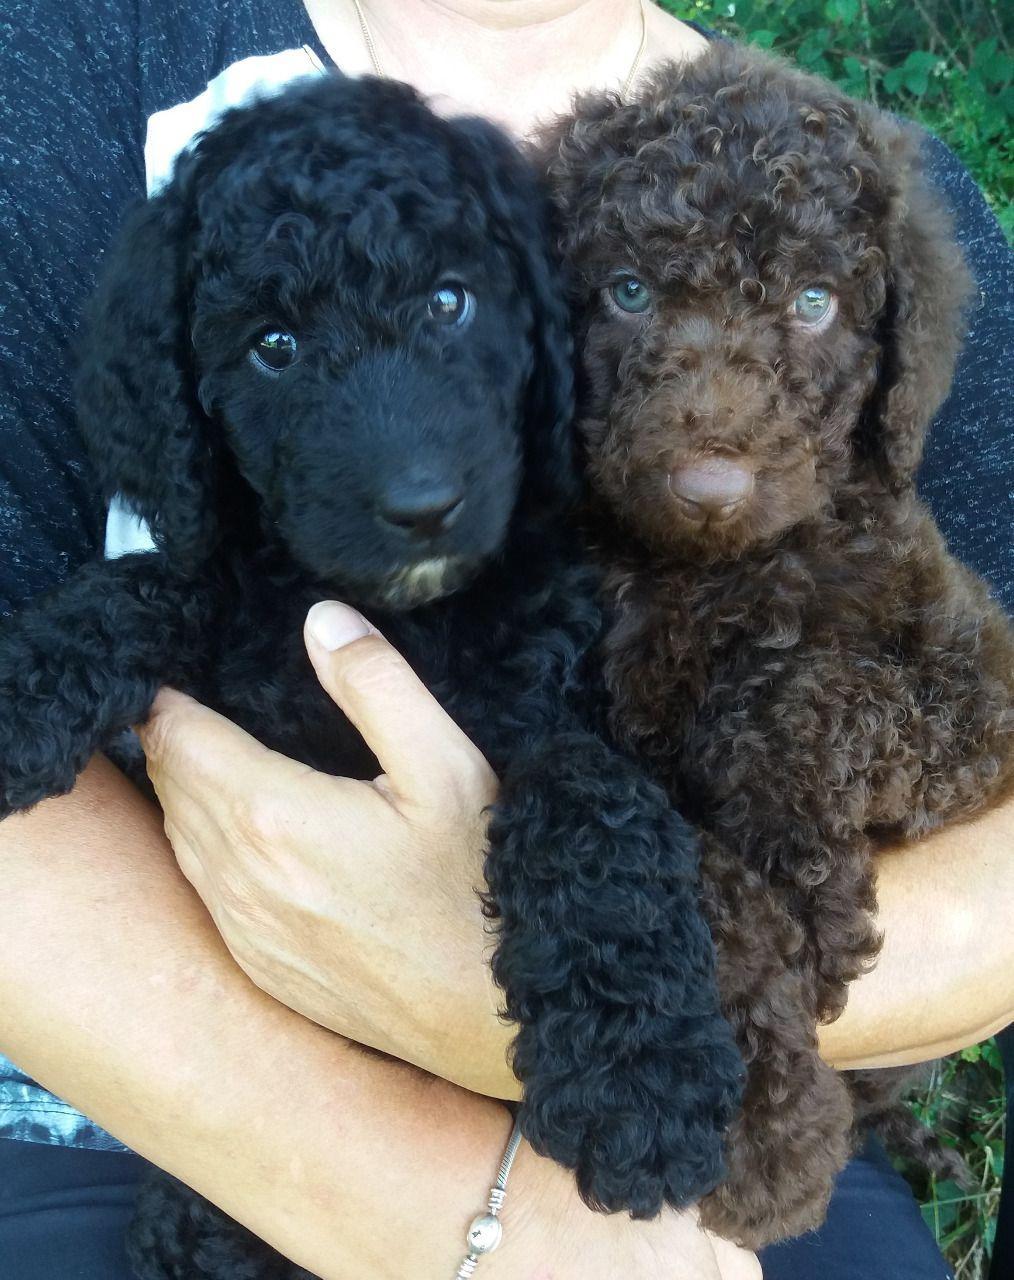 Chocolate & Black Standard Poodles For Sale | Carnarvon | Public Ads